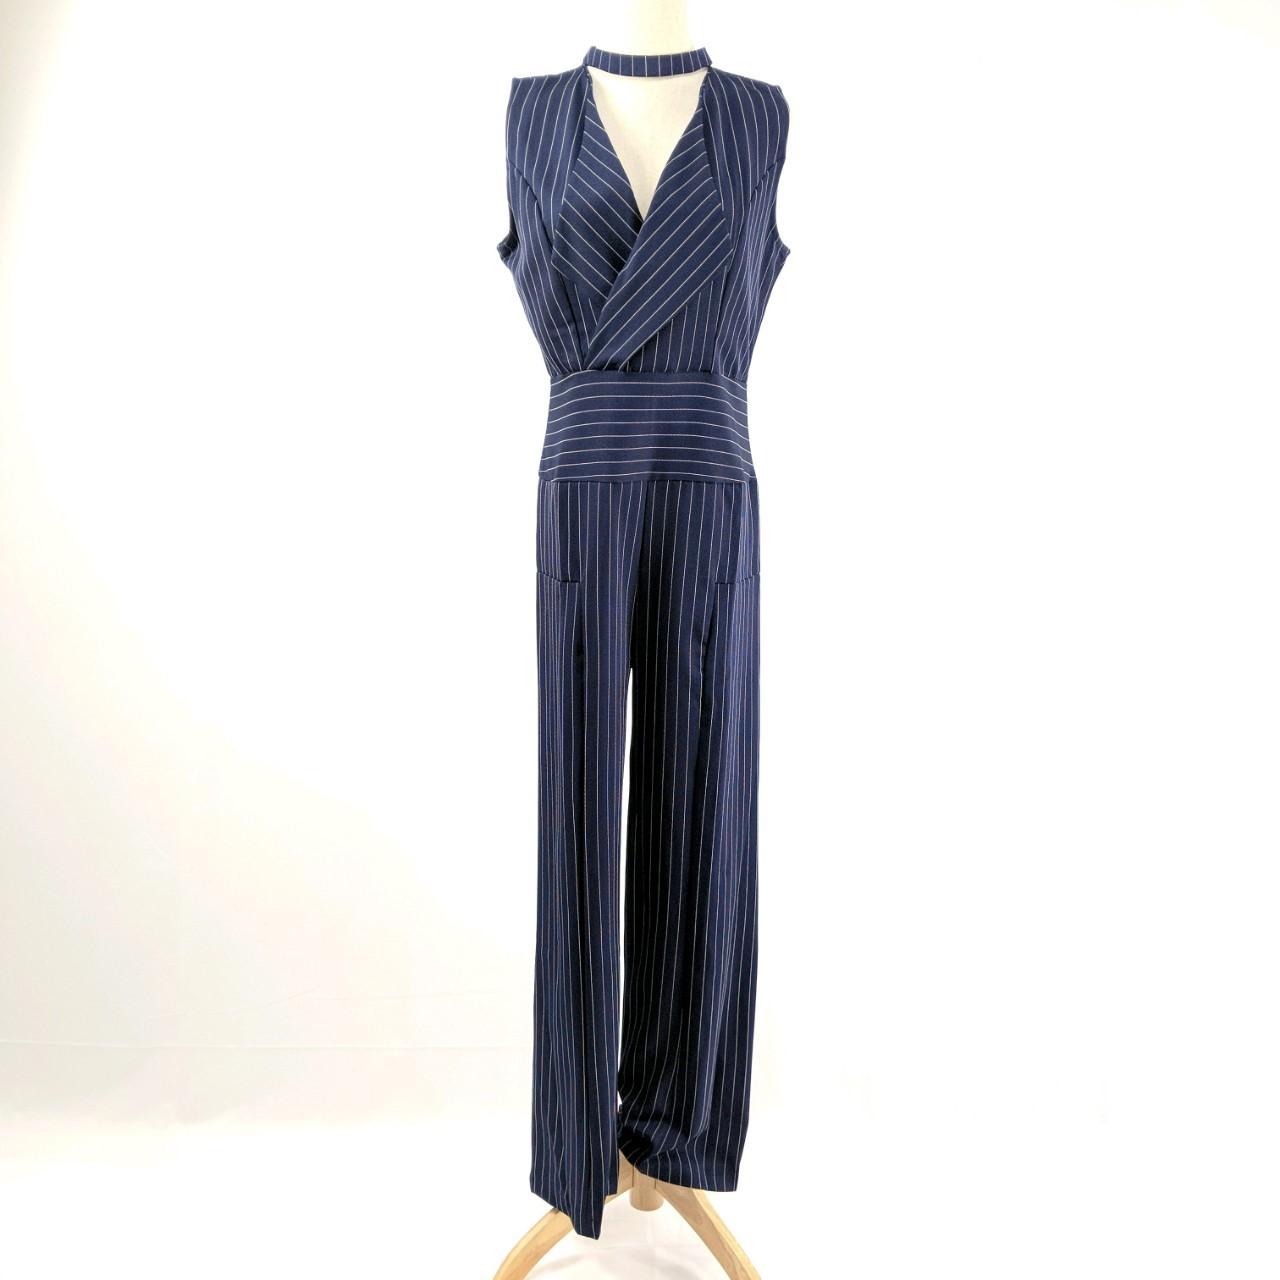 韓国 ファッション オールインワン サロペット 春 夏 パーティー ブライダル PTXE912  チョーカー風 Vネック ウエストマーク ワイドパンツ ドレス 二次会 セレブ きれいめの写真15枚目